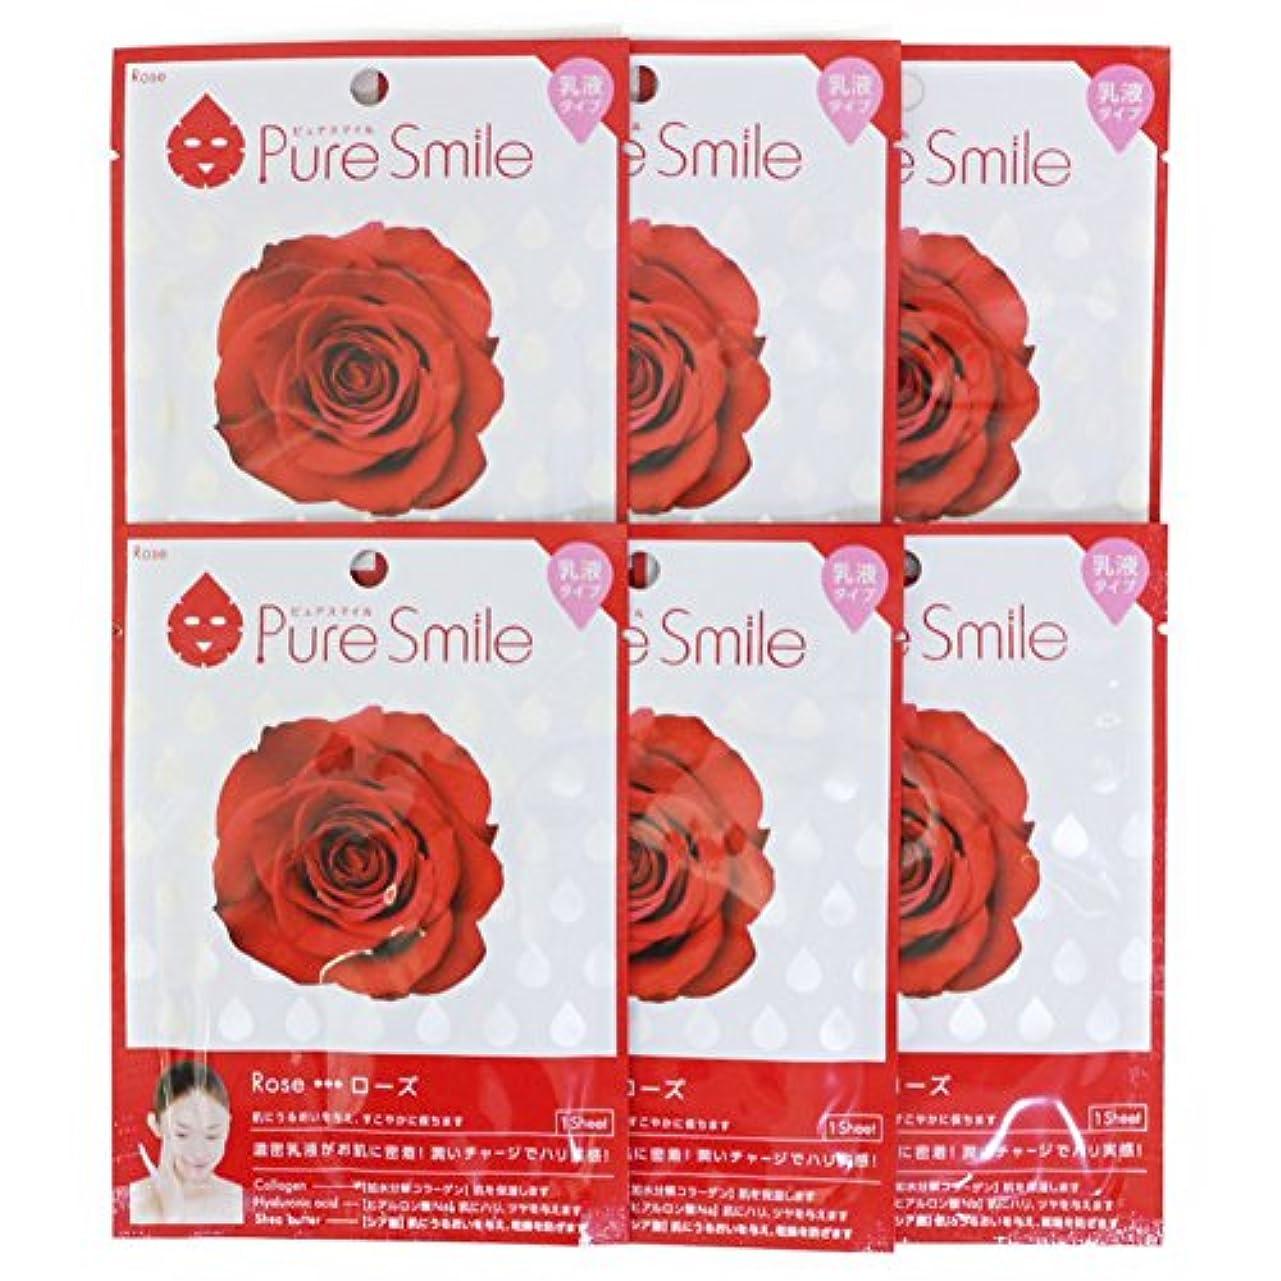 波ヘルパー面白いPure Smile ピュアスマイル 乳液エッセンスマスク ローズ 6枚セット